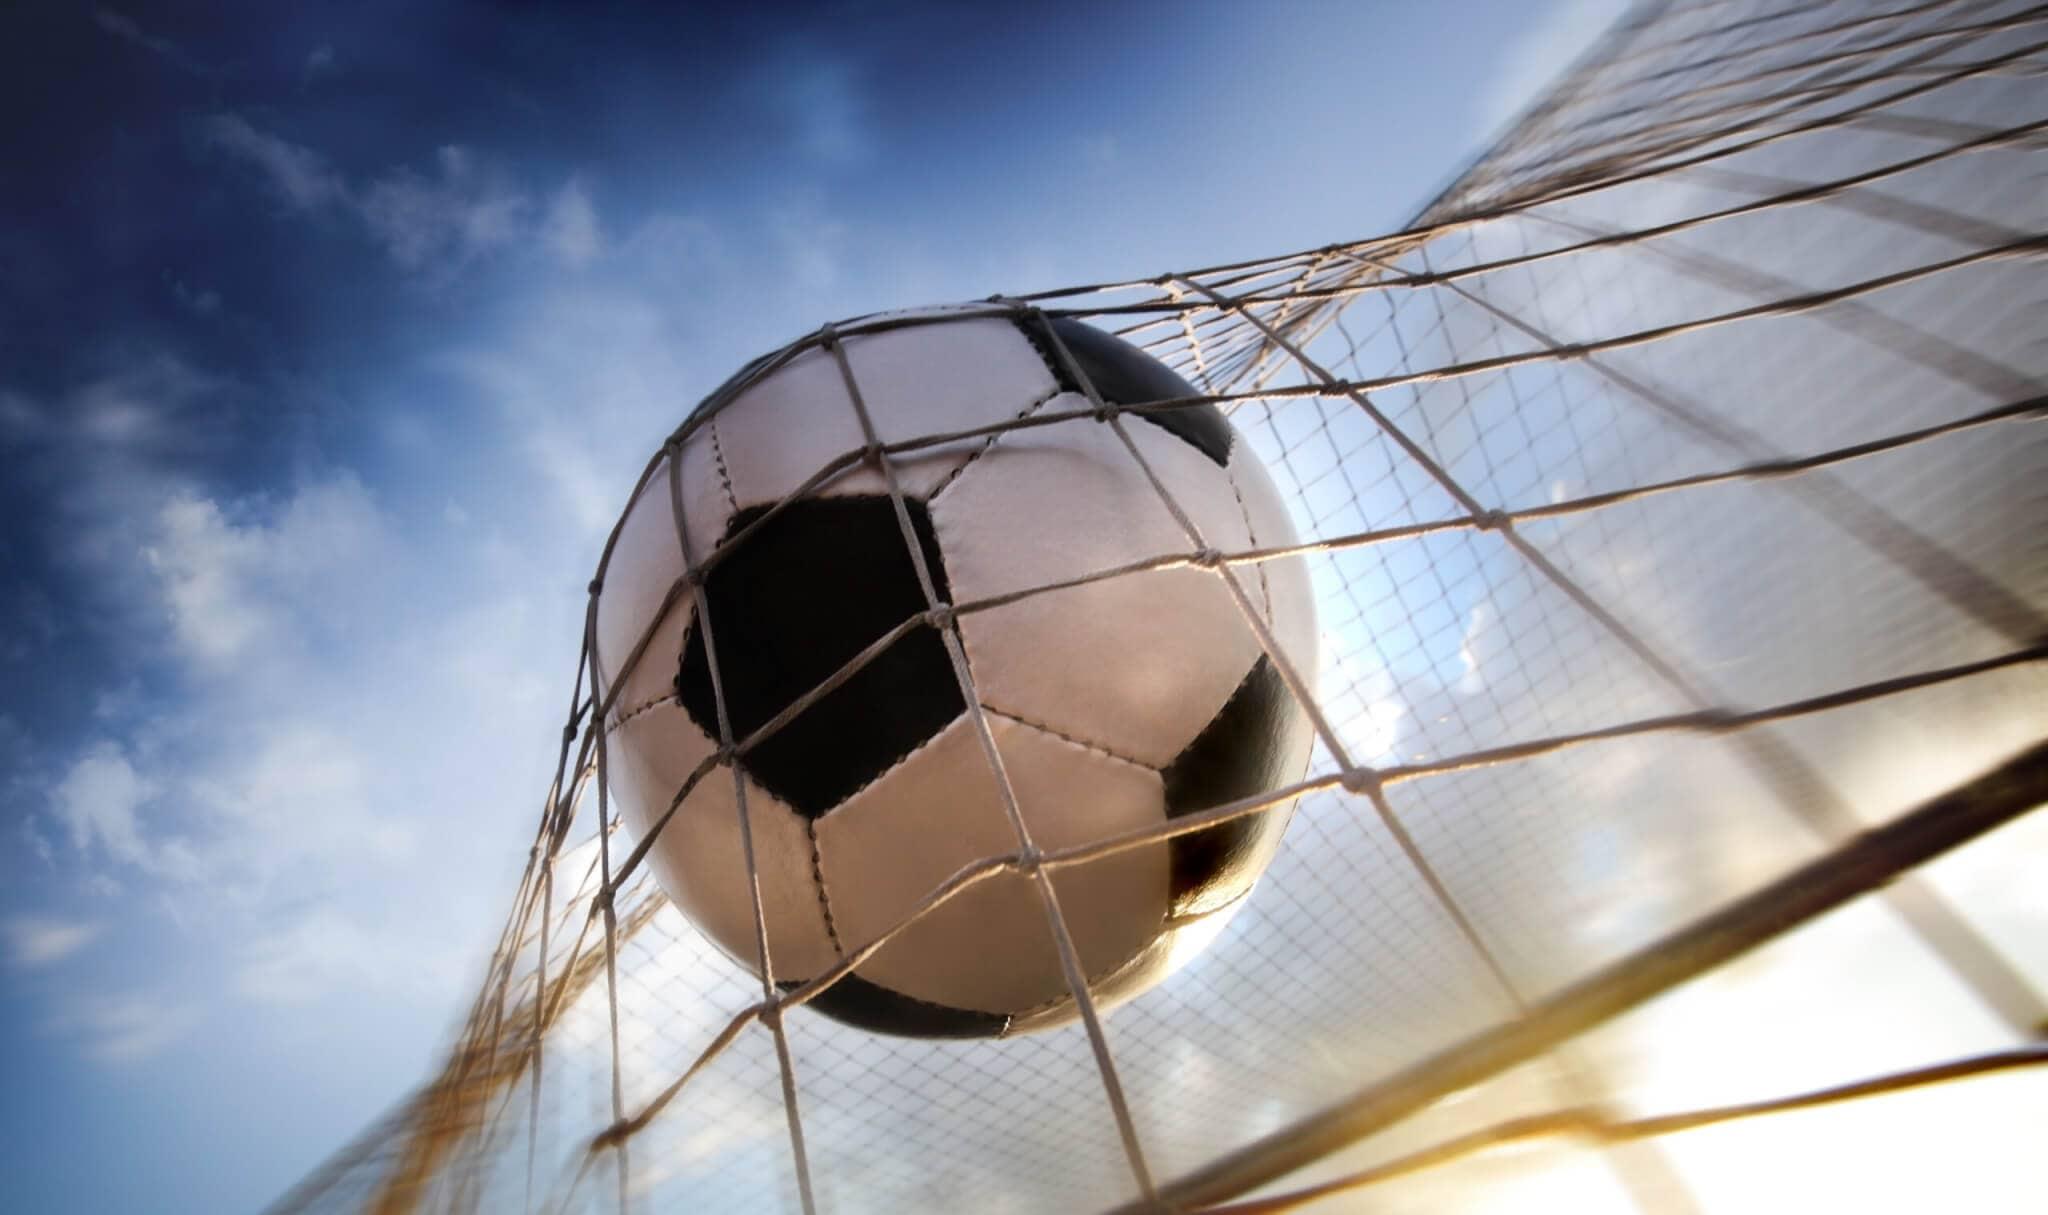 ein fußball, der ins netz fliegt